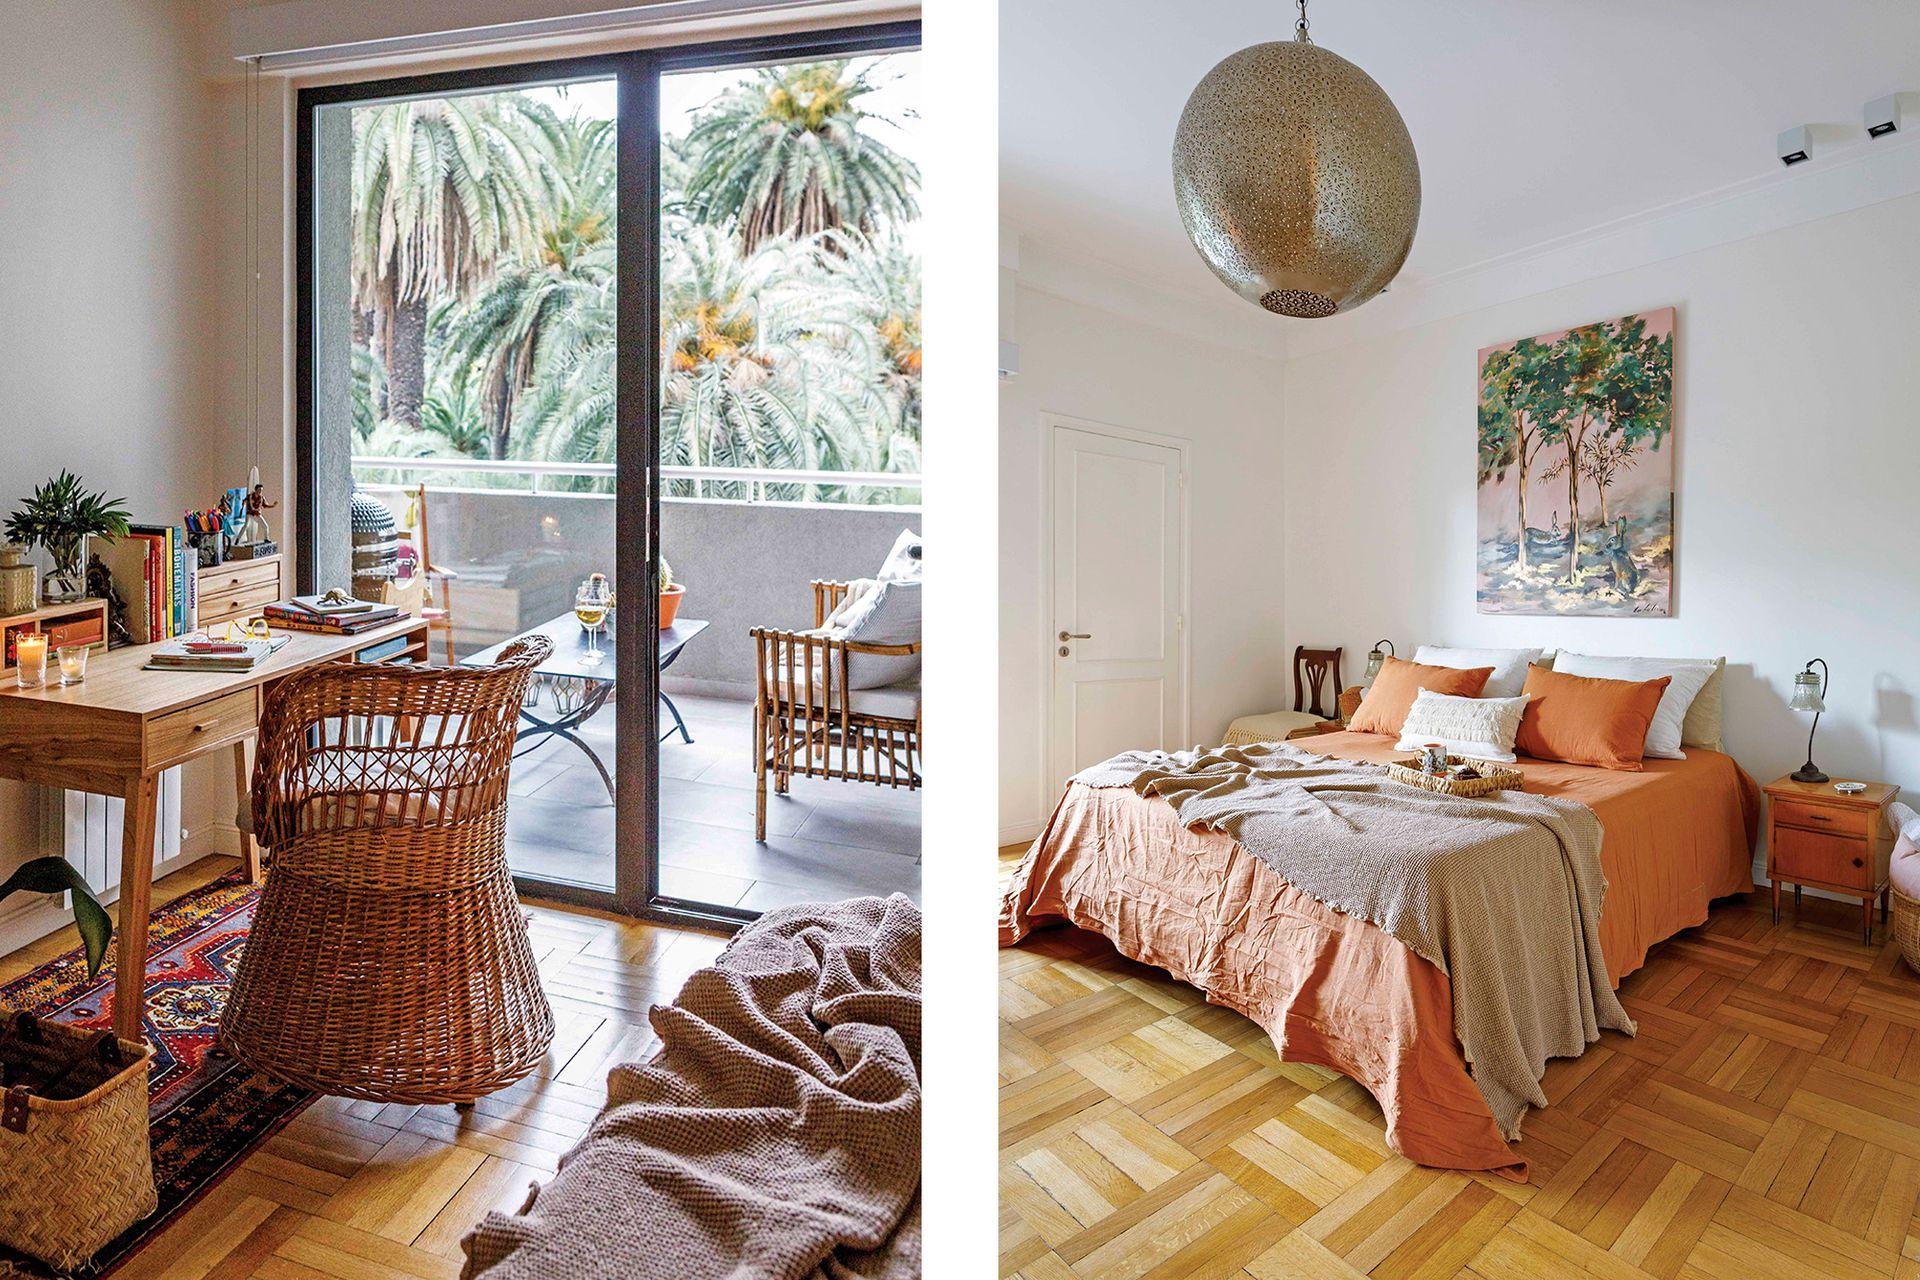 Lámpara de techo (Rapsodia). Silla, cama y mesas de luz heredadas. Veladores (Desde Asia). Cuadro (Cata Ruiz). Ropa de cama, pie, manta y almohadones (todo de Lote Propio).